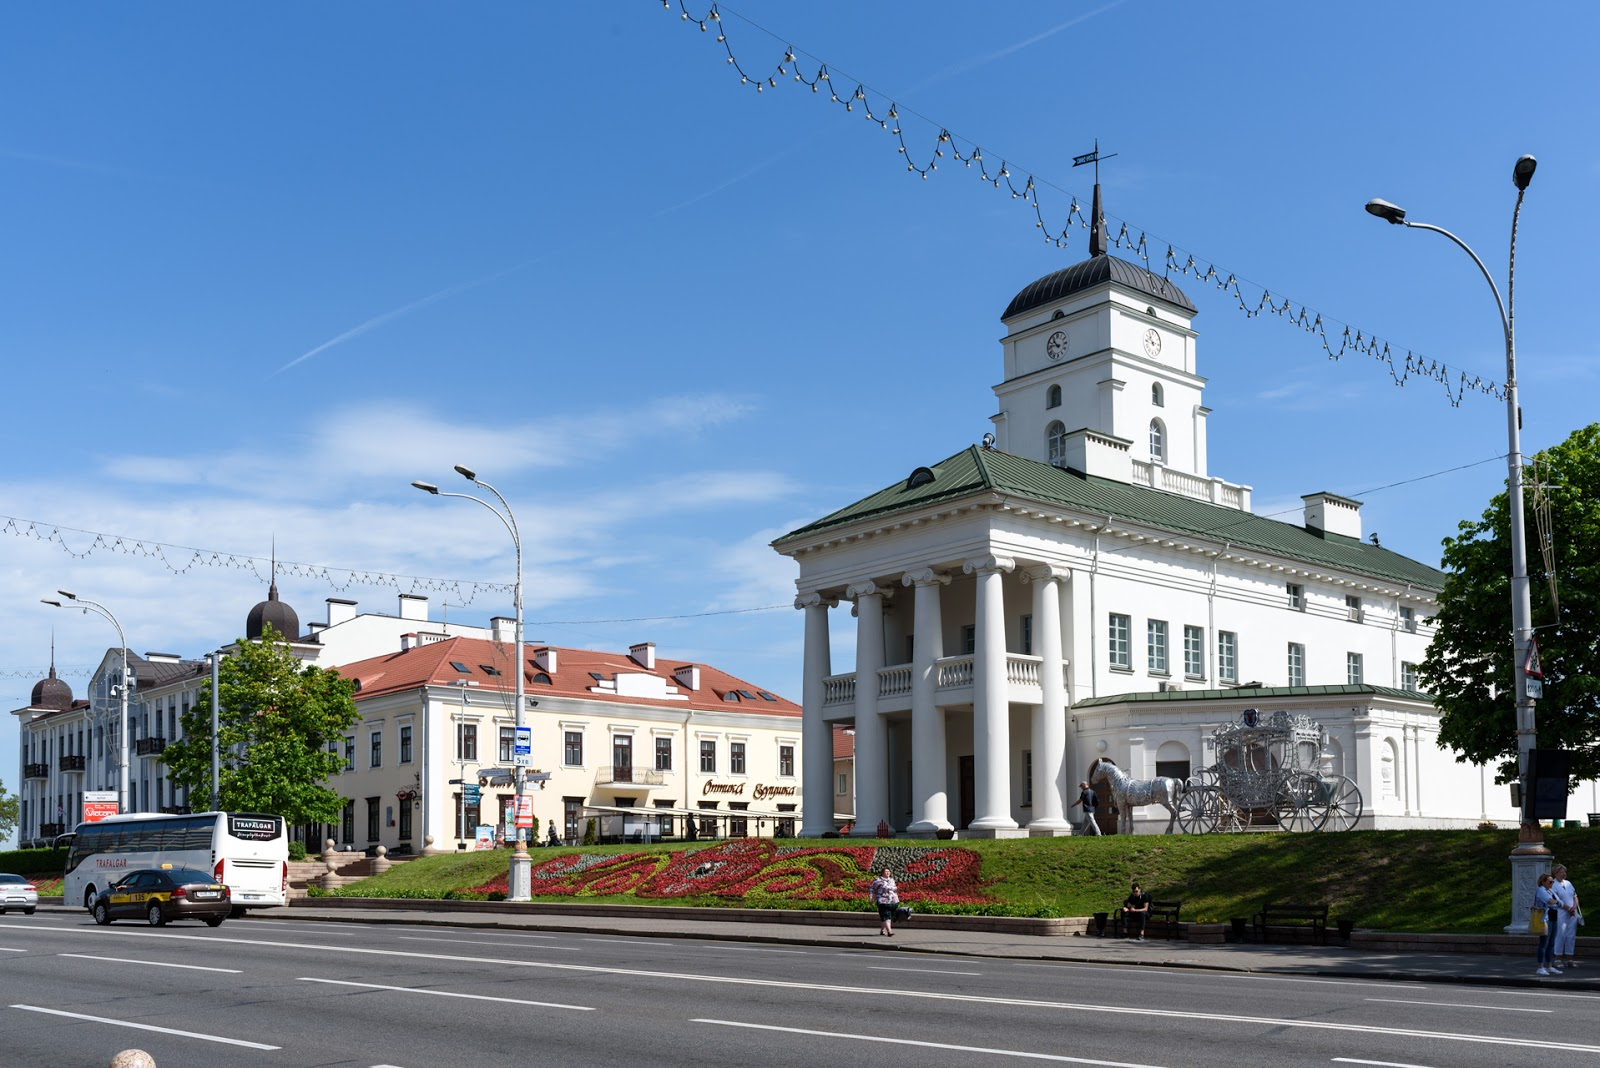 Ратуша в Минске. Центр города.